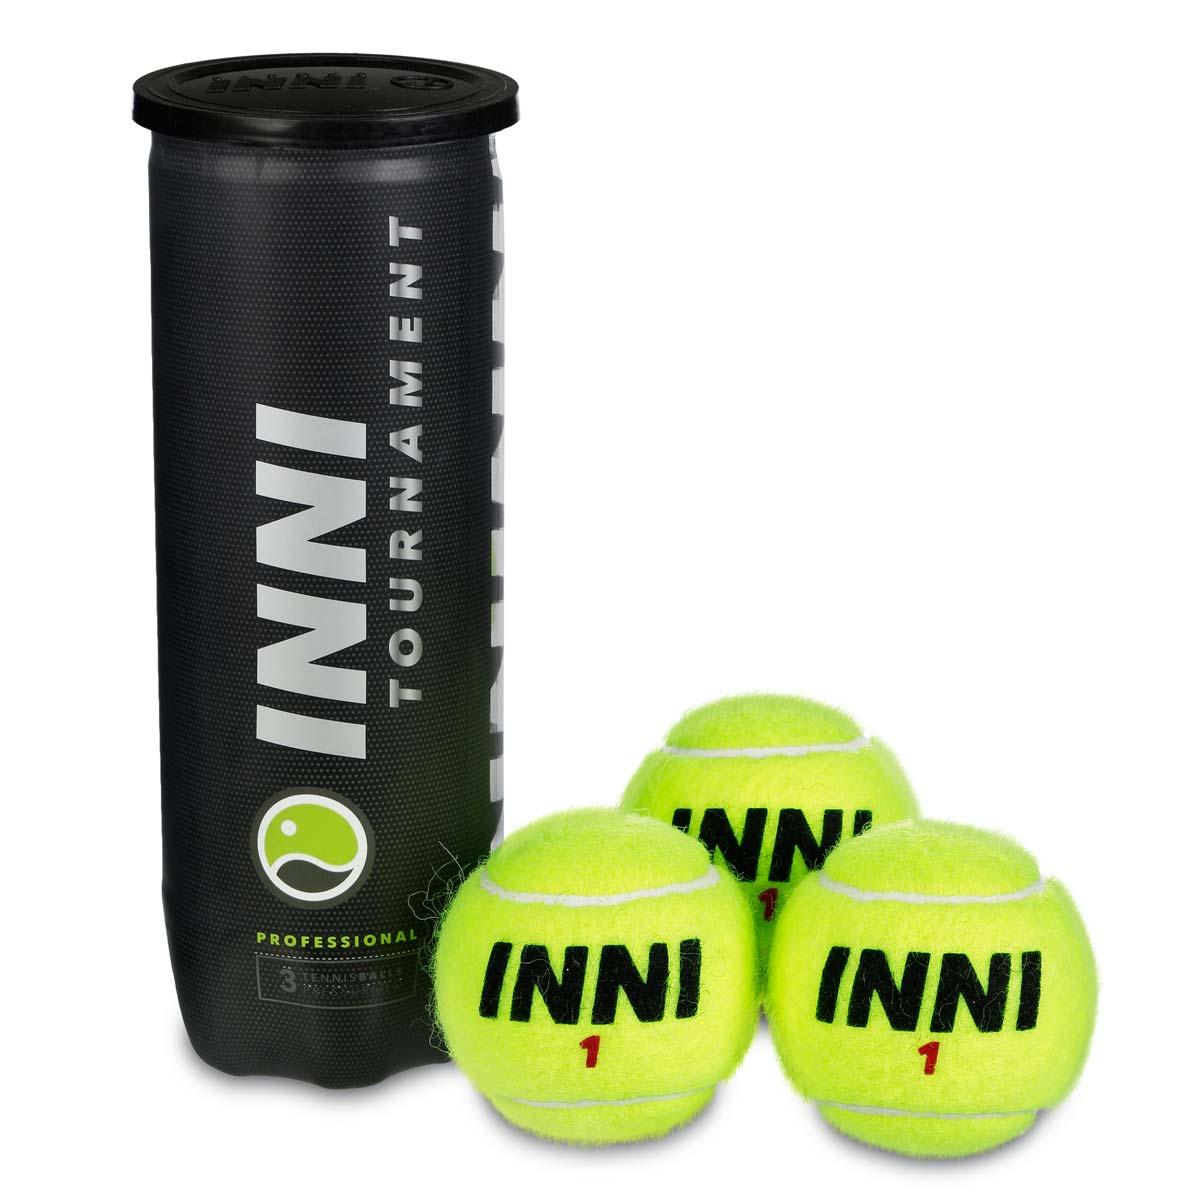 Bola de Tênis Inni Tournament - Tubo c/ 3 bolas  - PROTENISTA